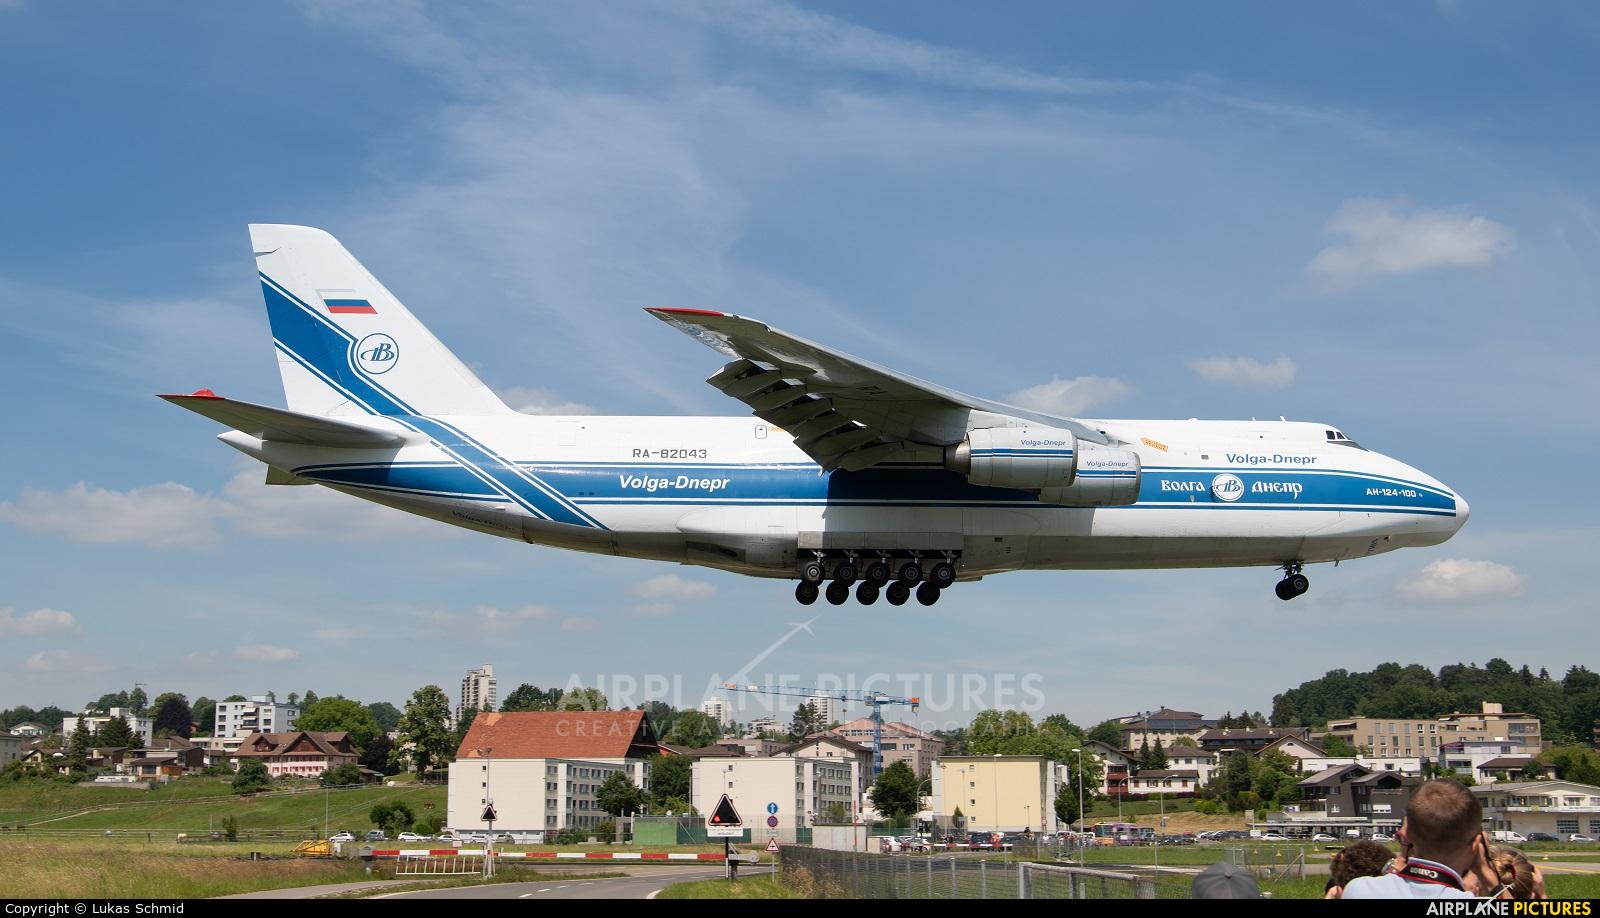 Volga Dnepr Airlines RA-82043 aircraft at Emmen